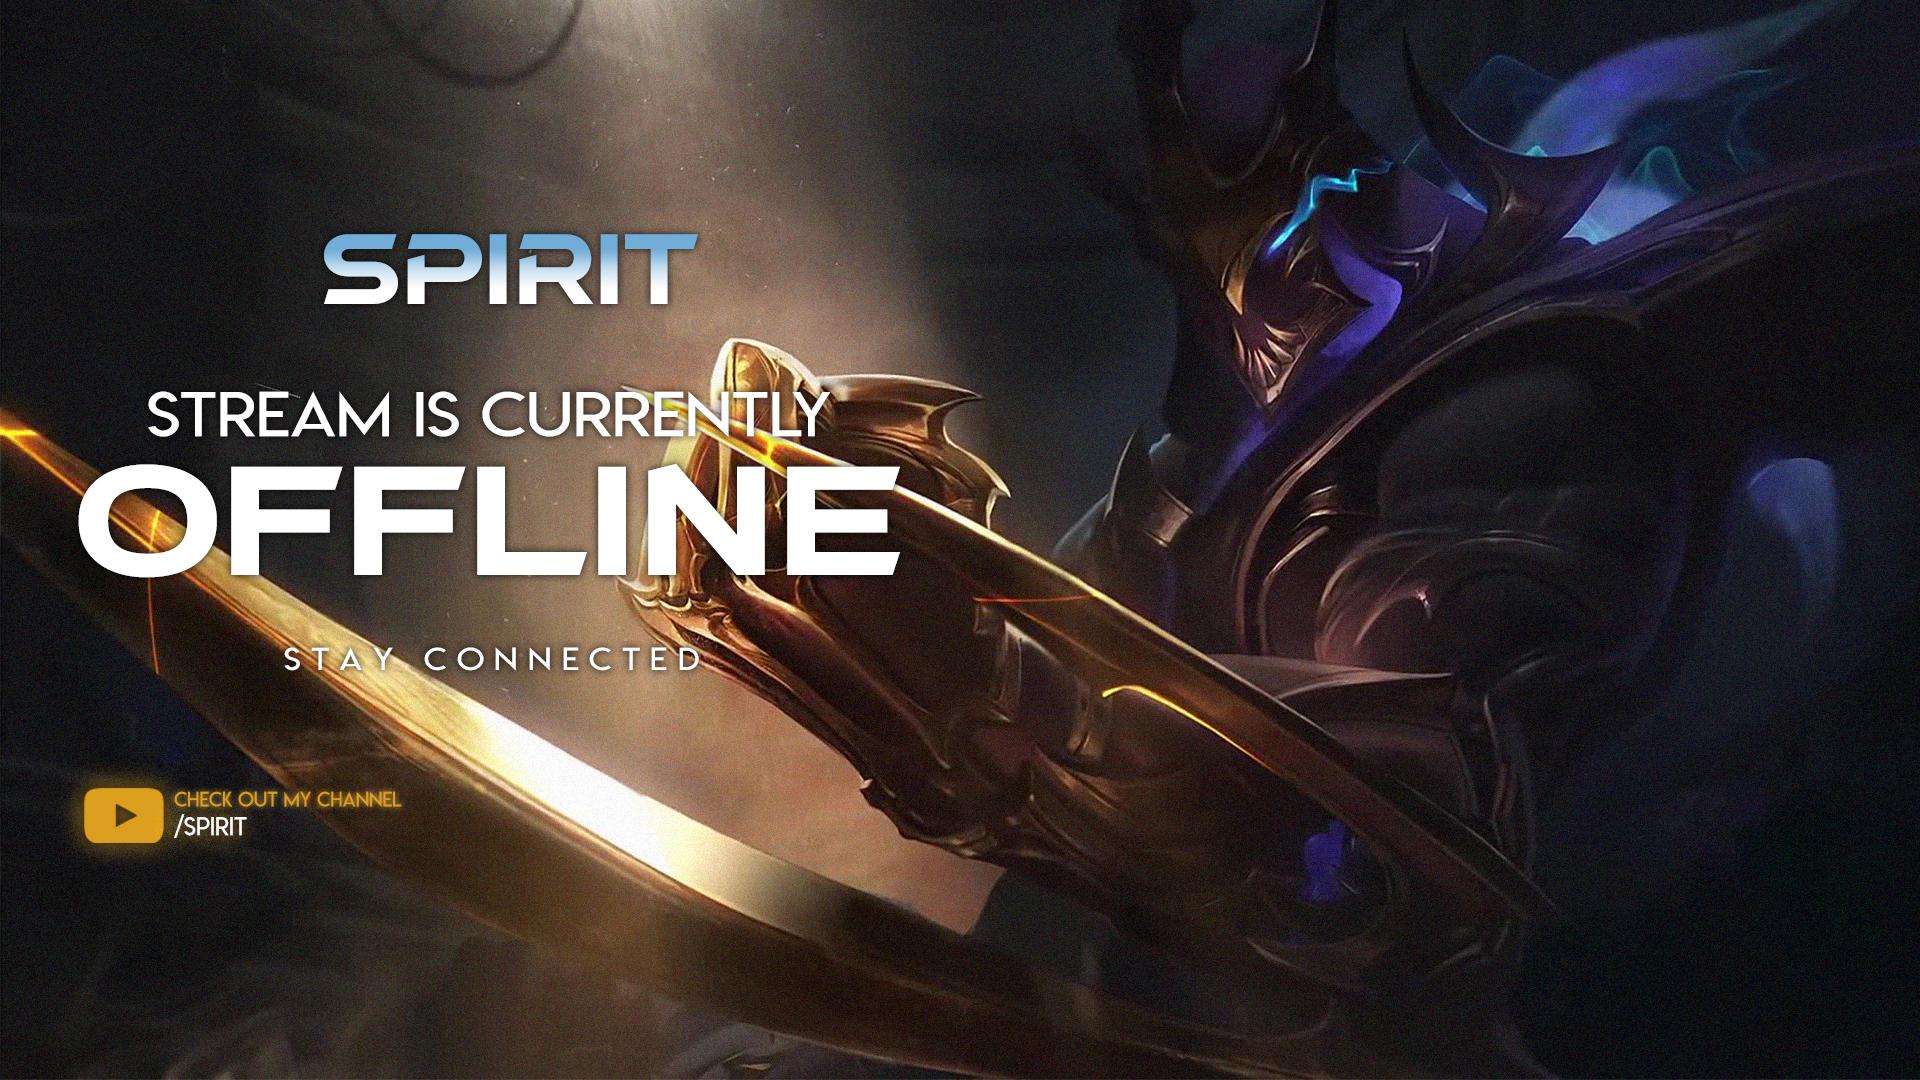 OFFLINE_SCREEN Spirit By Khan.jpg